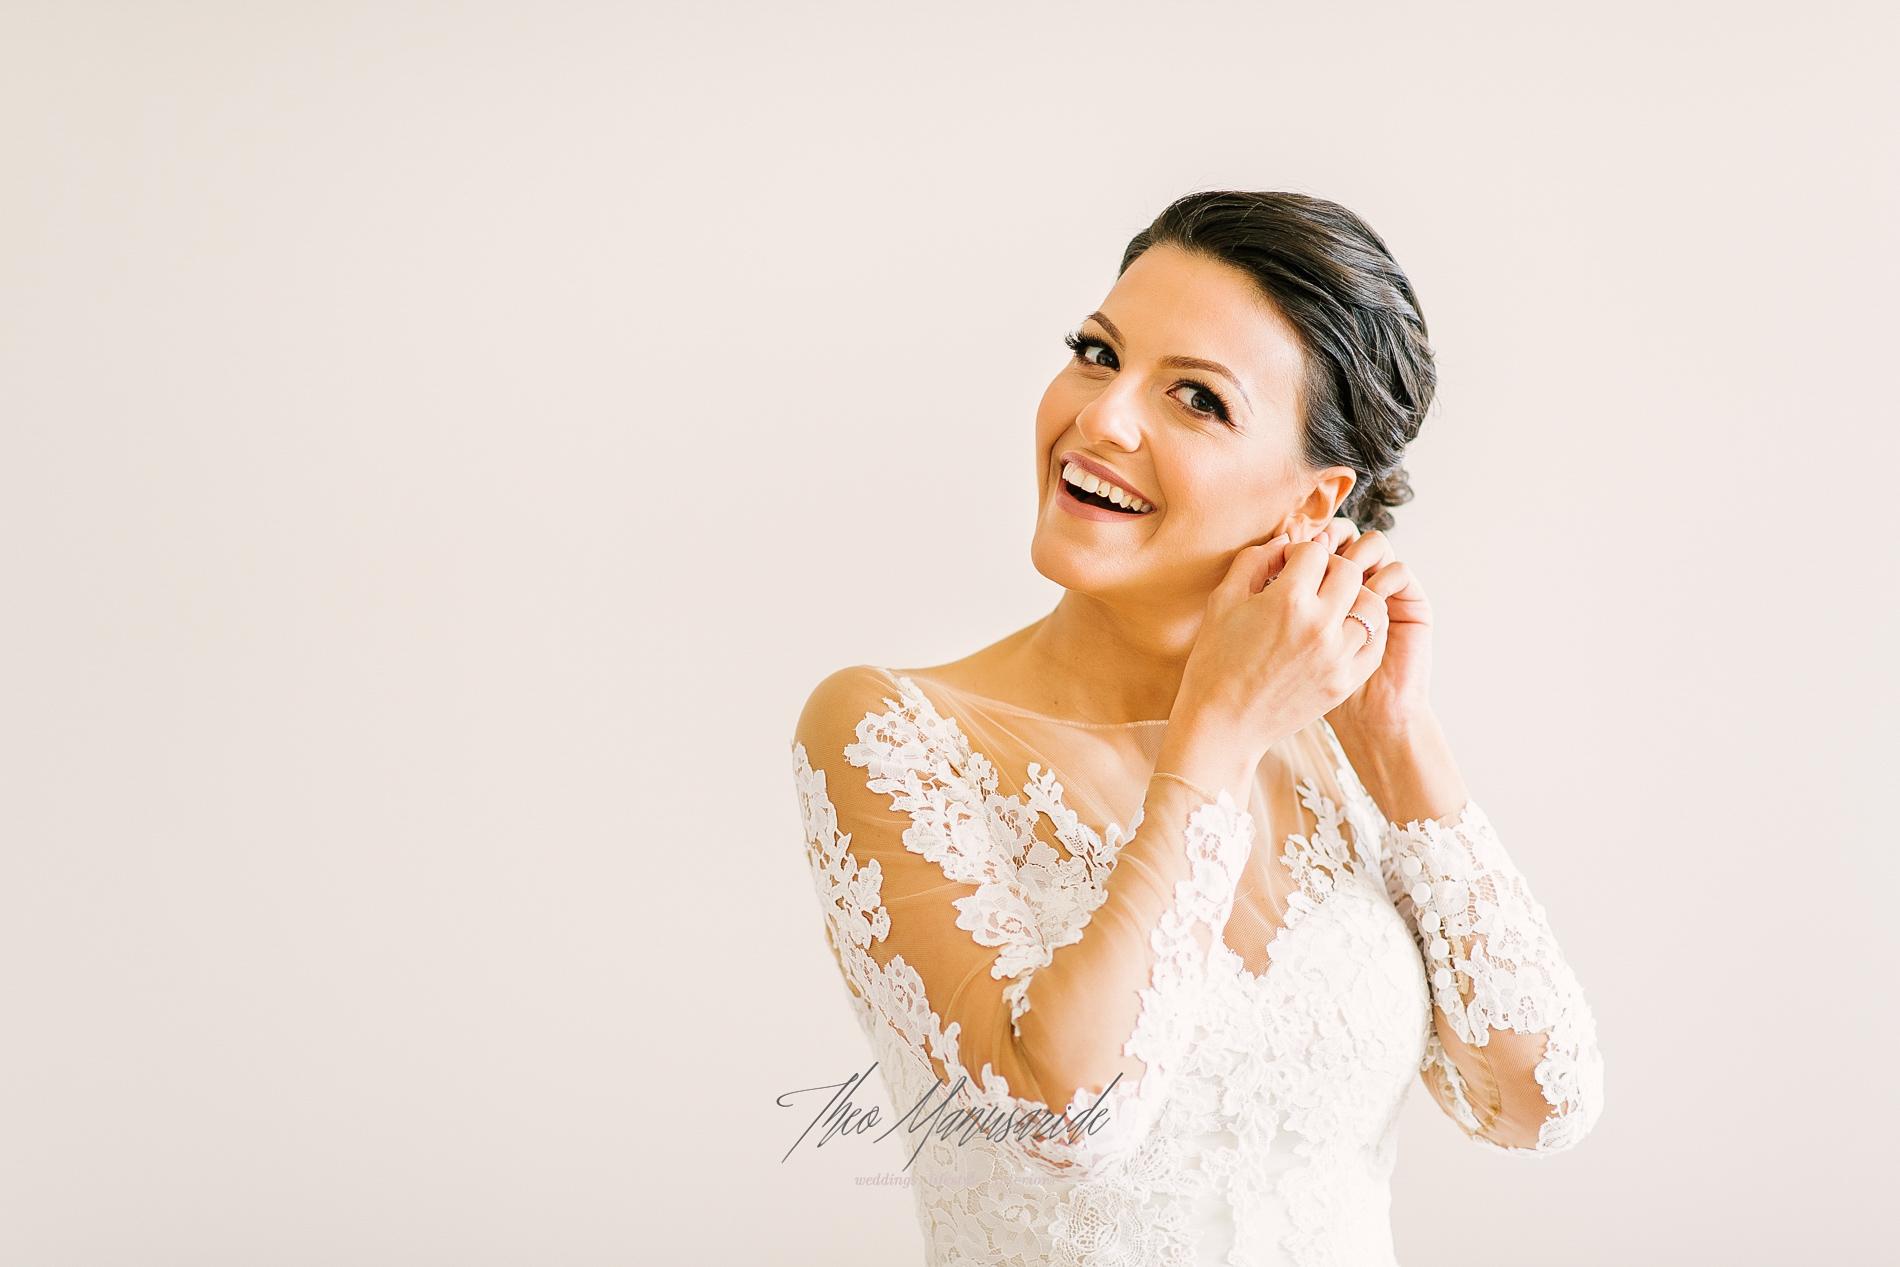 fotograf nunta biavati events-14-2